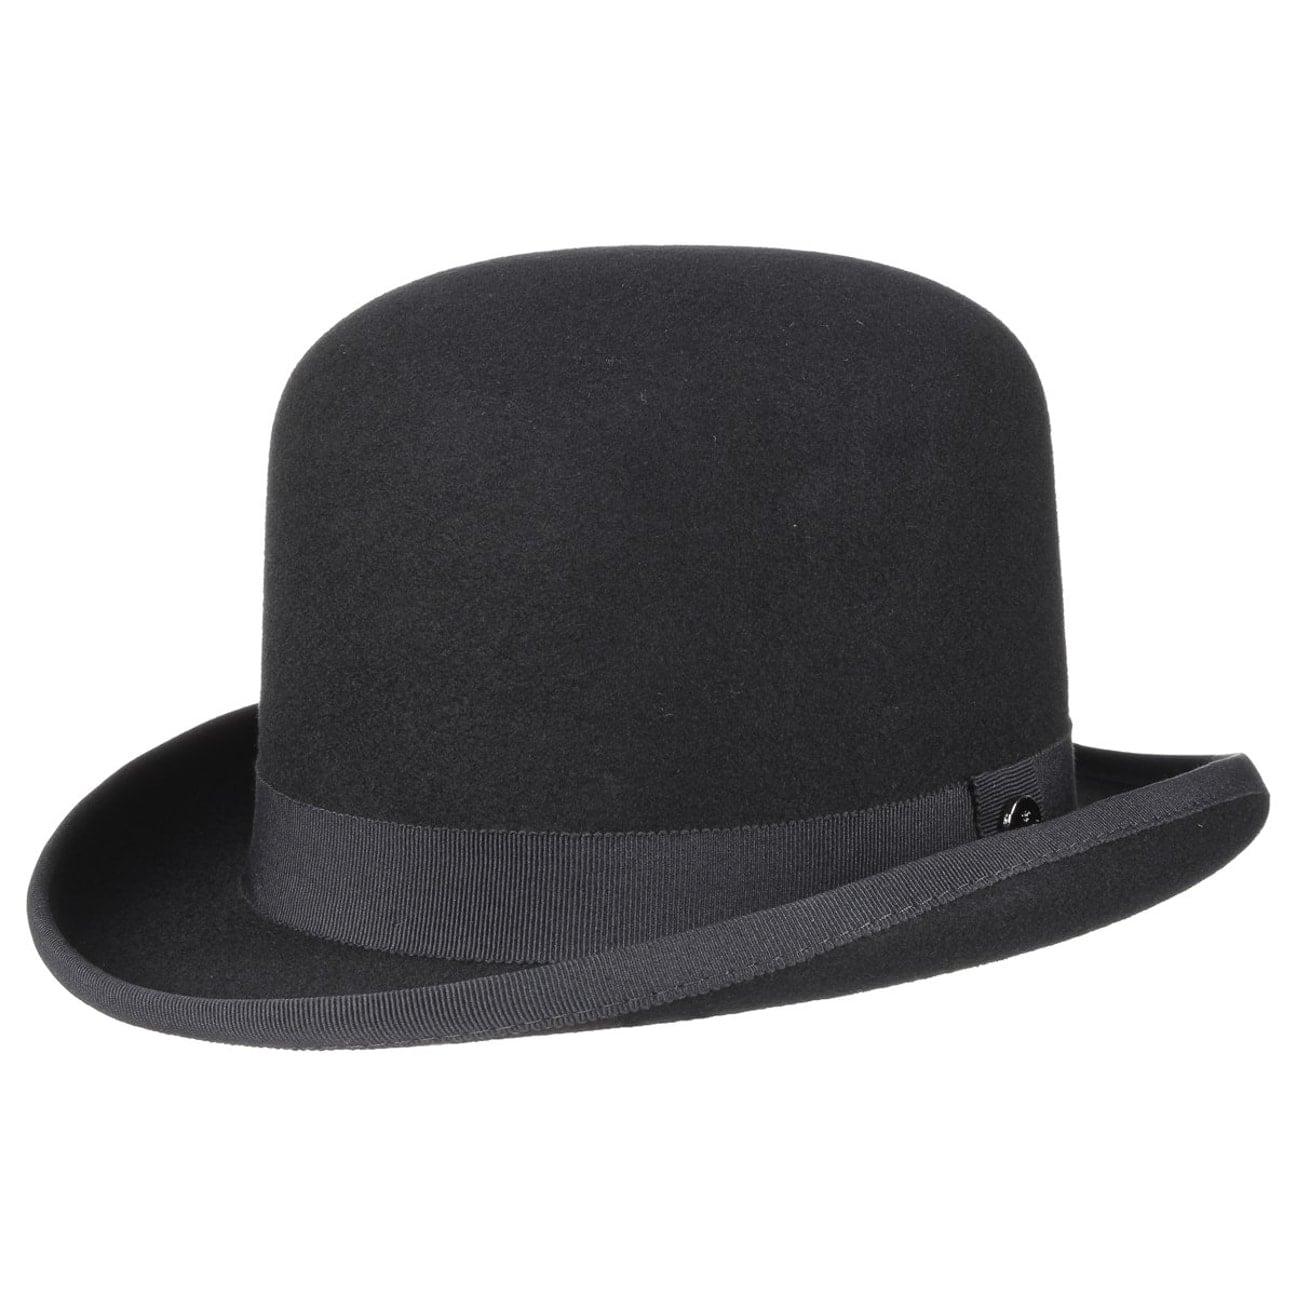 Sombrero de Fieltro Lana Bombín by Lierys - Sombreros - sombreroshop.es 0b48308313d